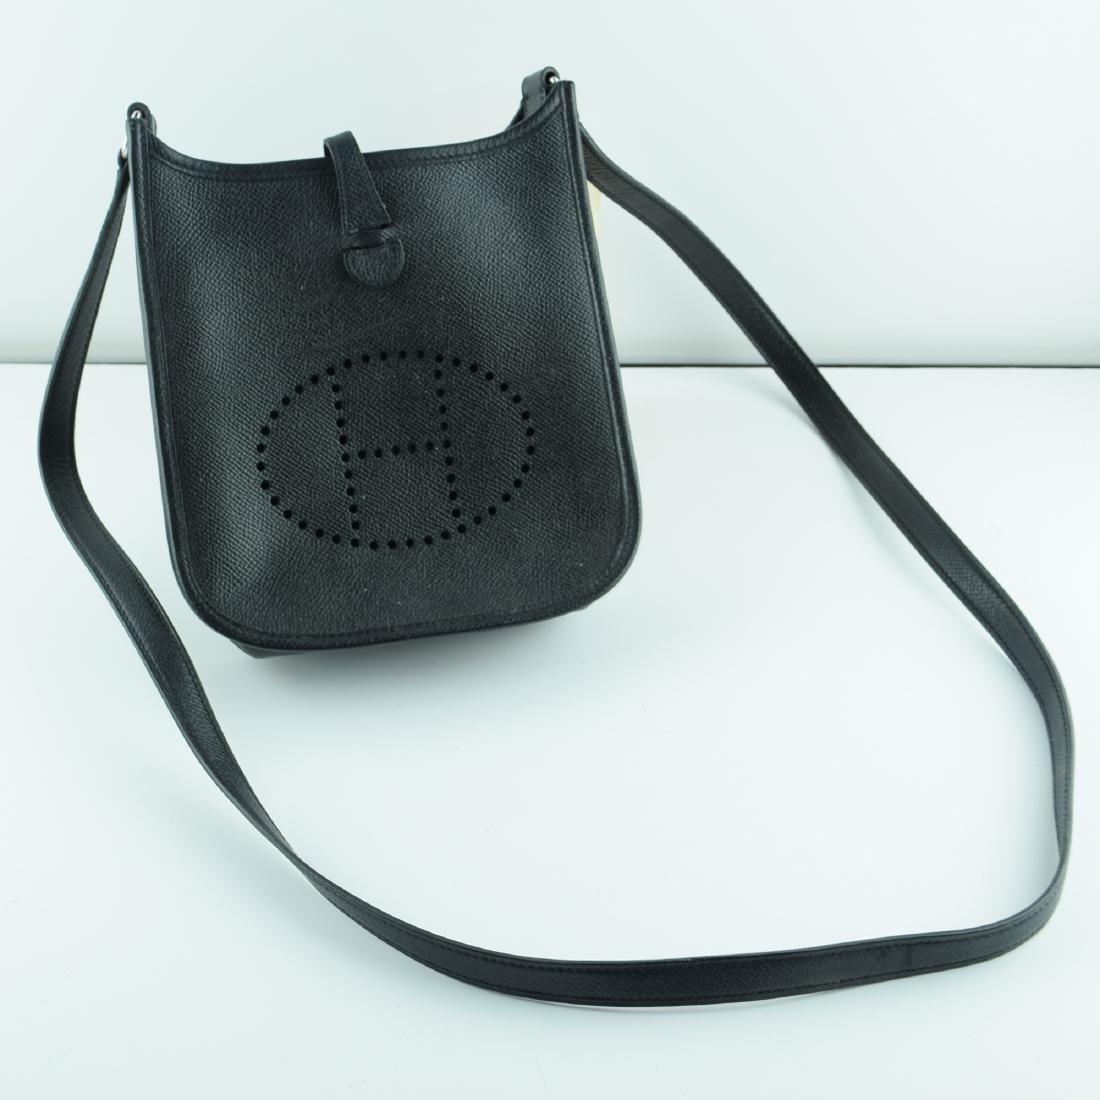 Hermes Evelyn Shoulder Bag